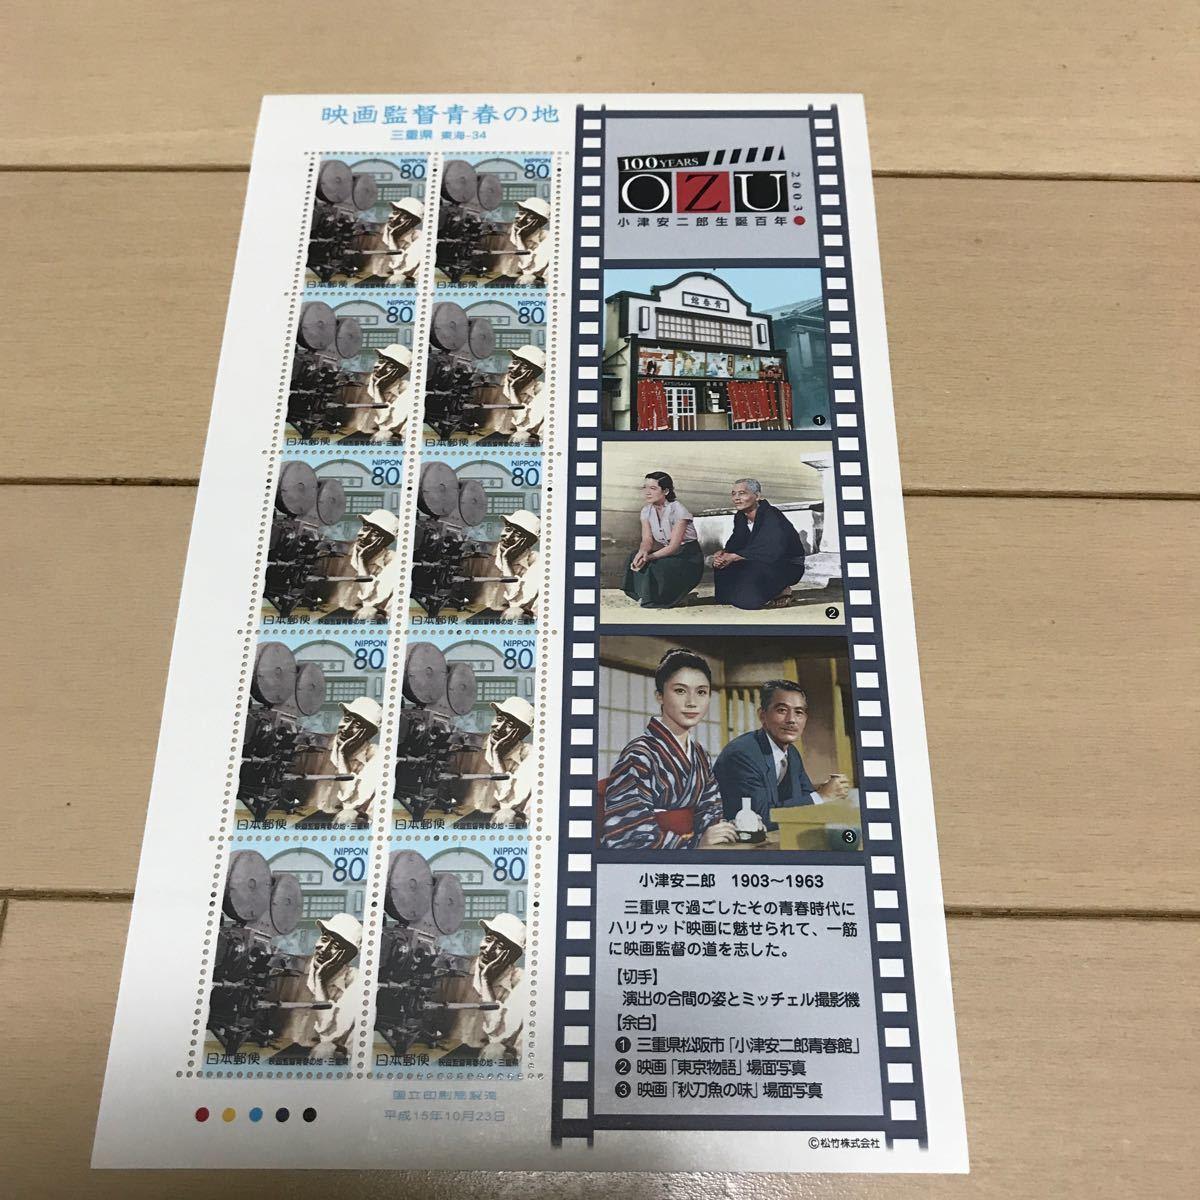 映画監督青春の地 三重県記念切手